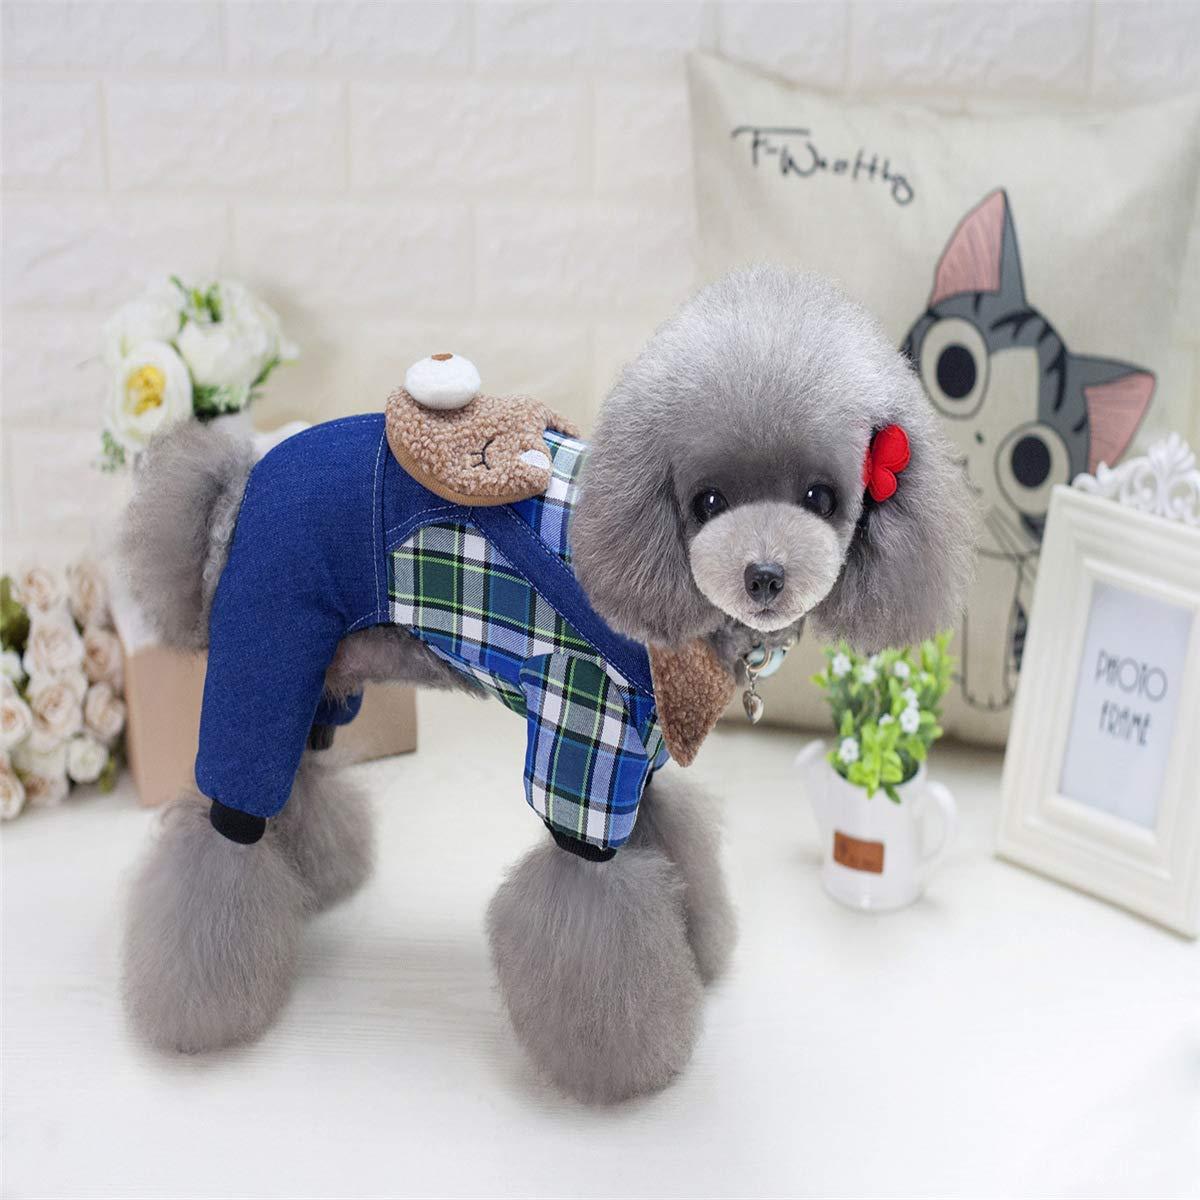 Cappotto per animali domestici Pet Supplies Varie Nuovi vestiti per animali domestici cane denim forniture per animali da compagnia dormire dormire orso quattro gambe denim (colore  Giallo, Taglia  L)